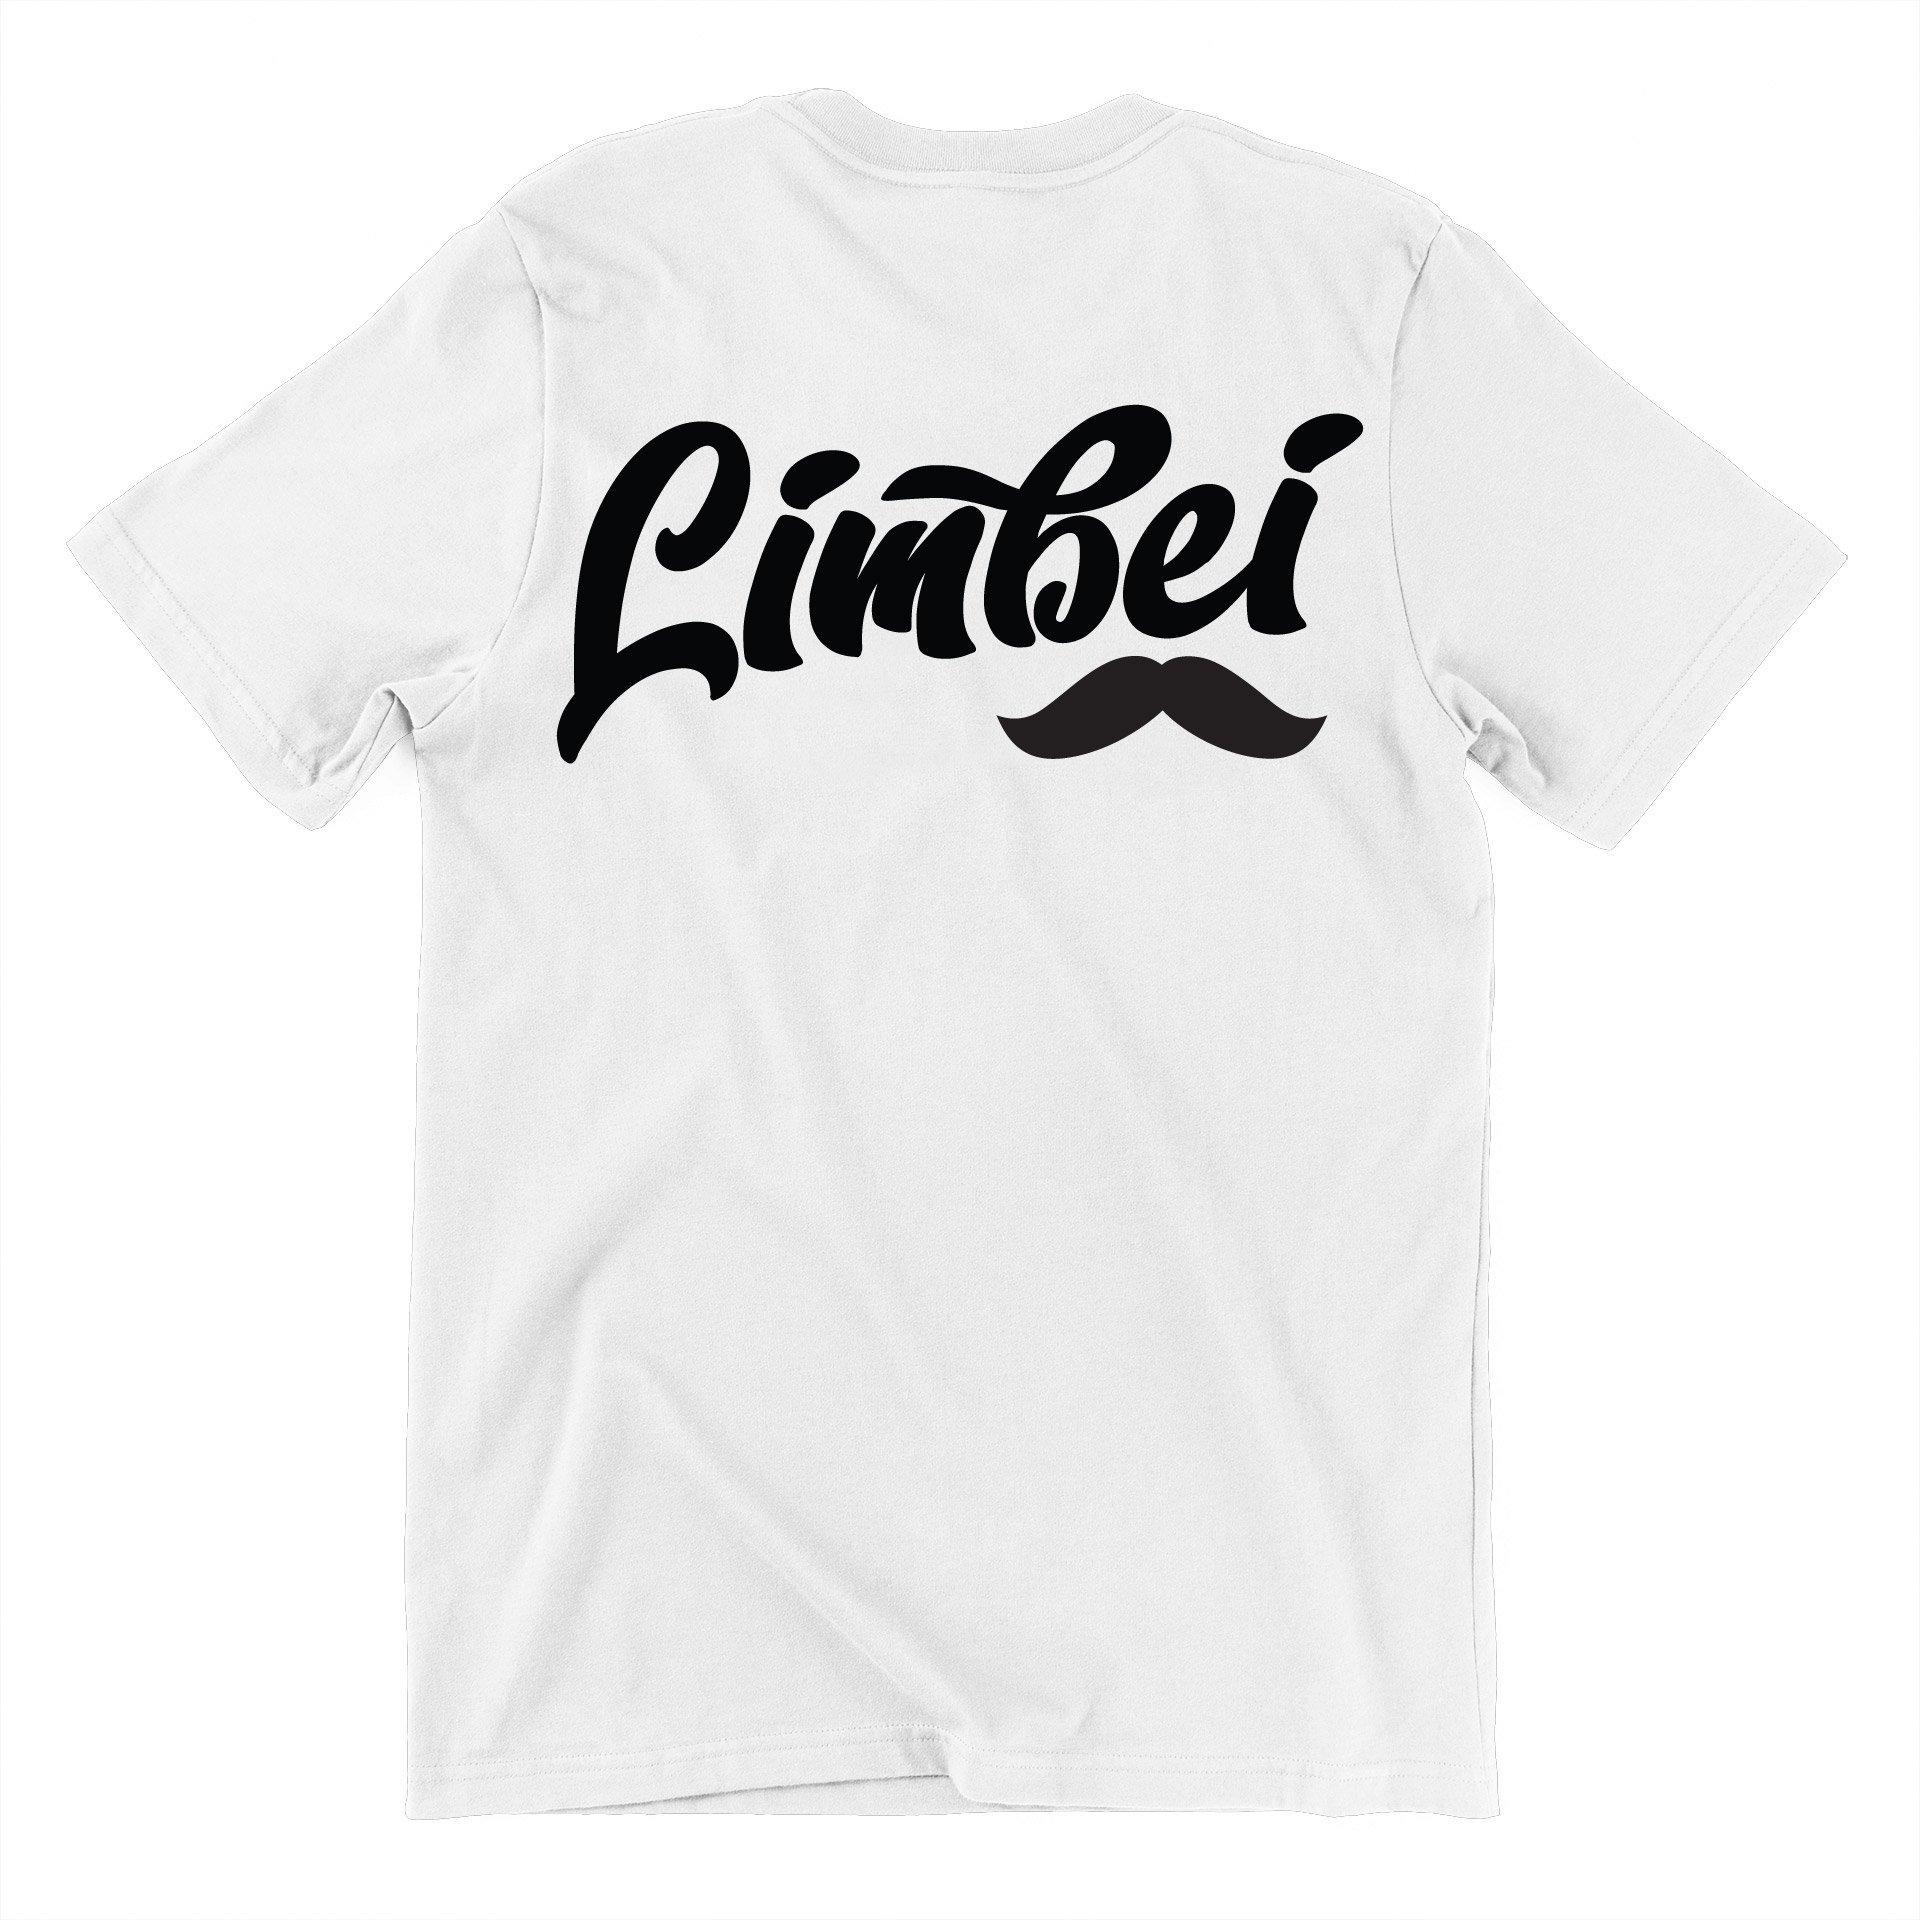 Limbei Mostauch Crew Neck S-Sleeve T-shirt